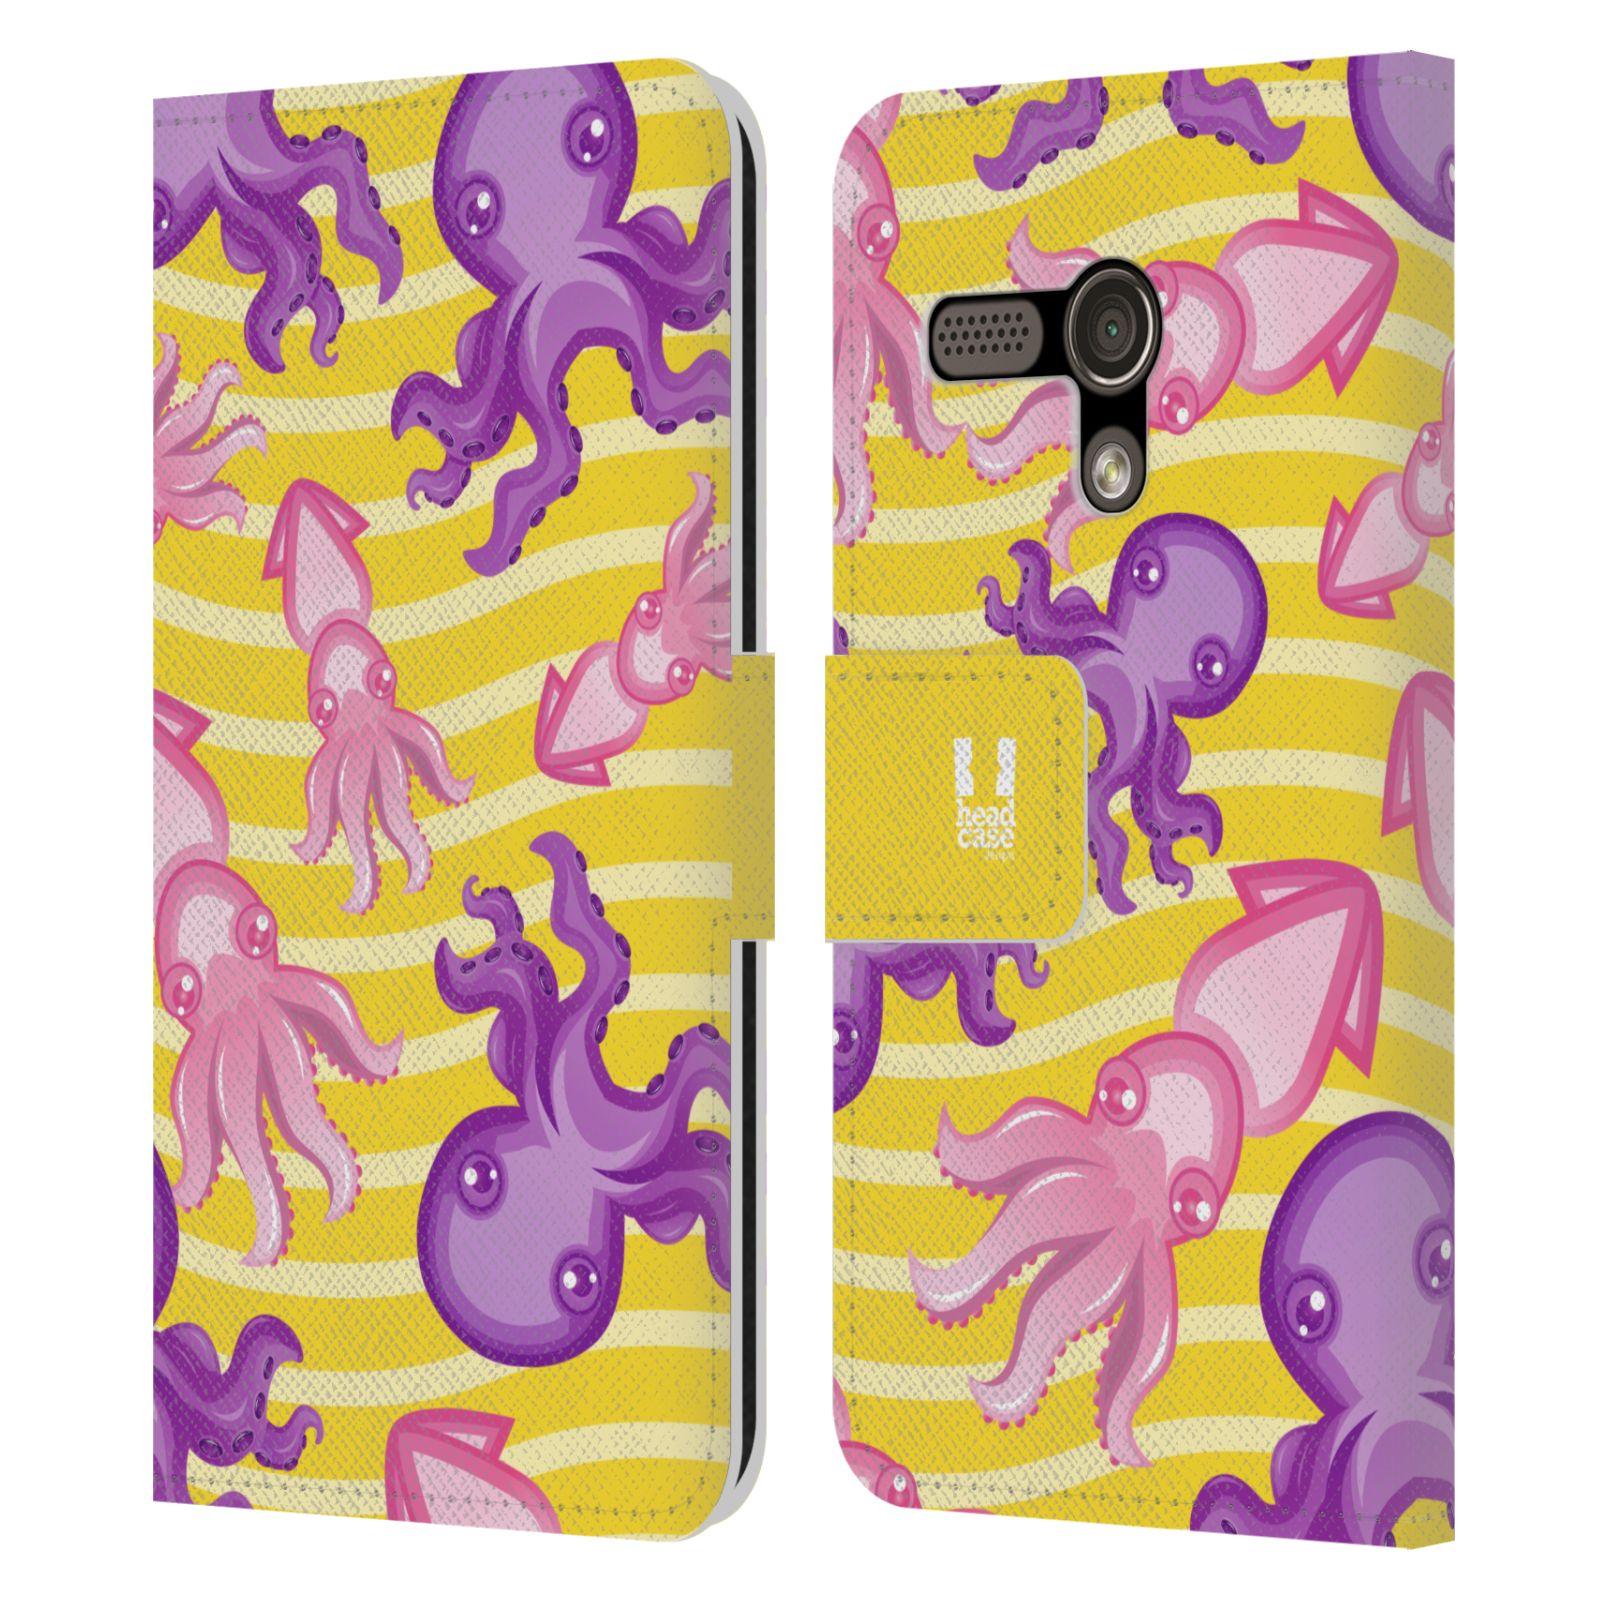 HEAD CASE Flipové pouzdro pro mobil MOTOROLA MOTO G Mořský živočich chobotnice a krakatice žlutá barva